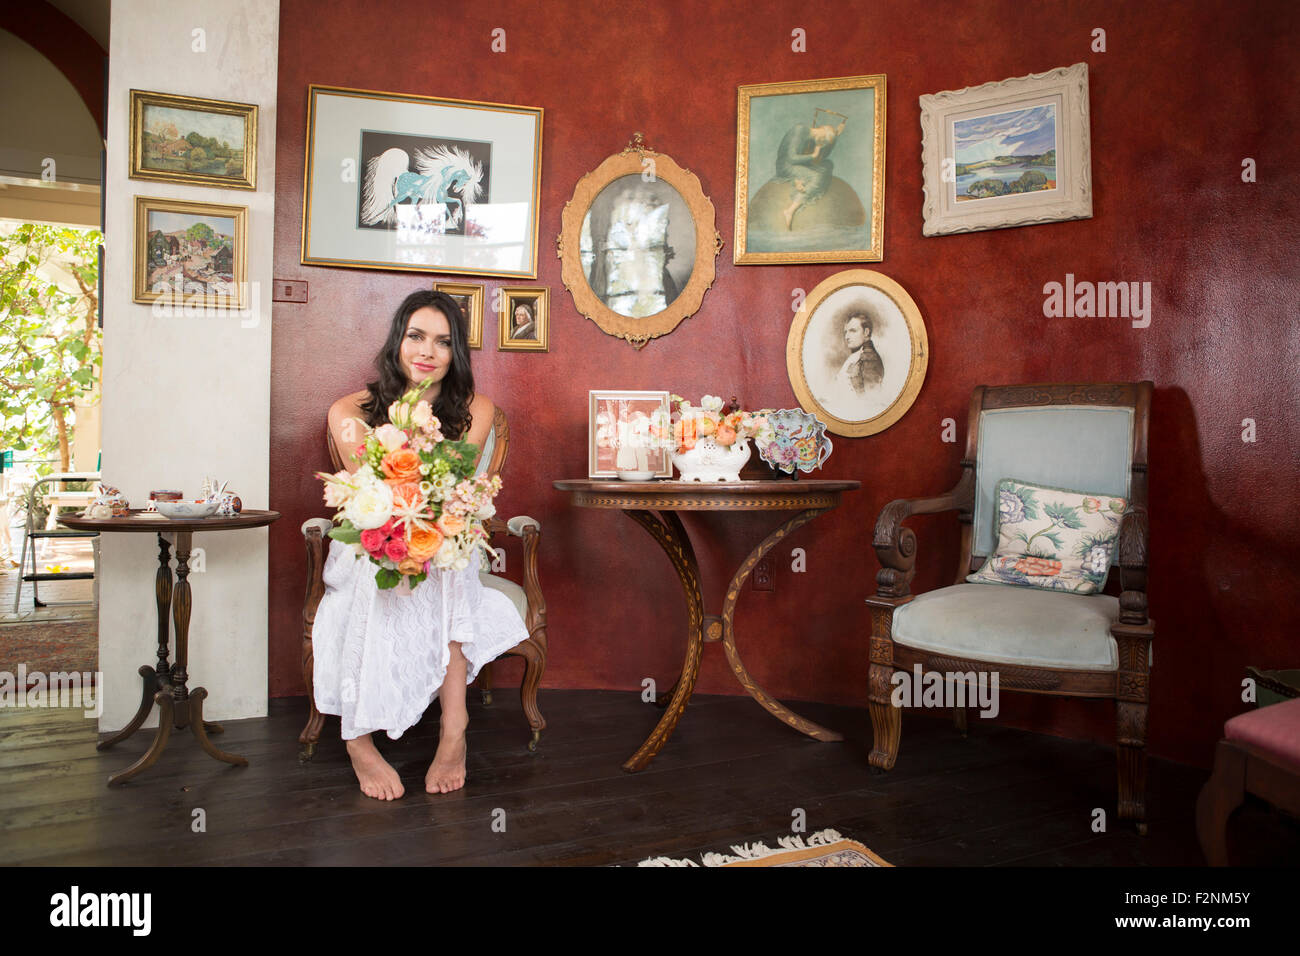 Bride holding bouquet de fleurs dans la salle d'attente Banque D'Images